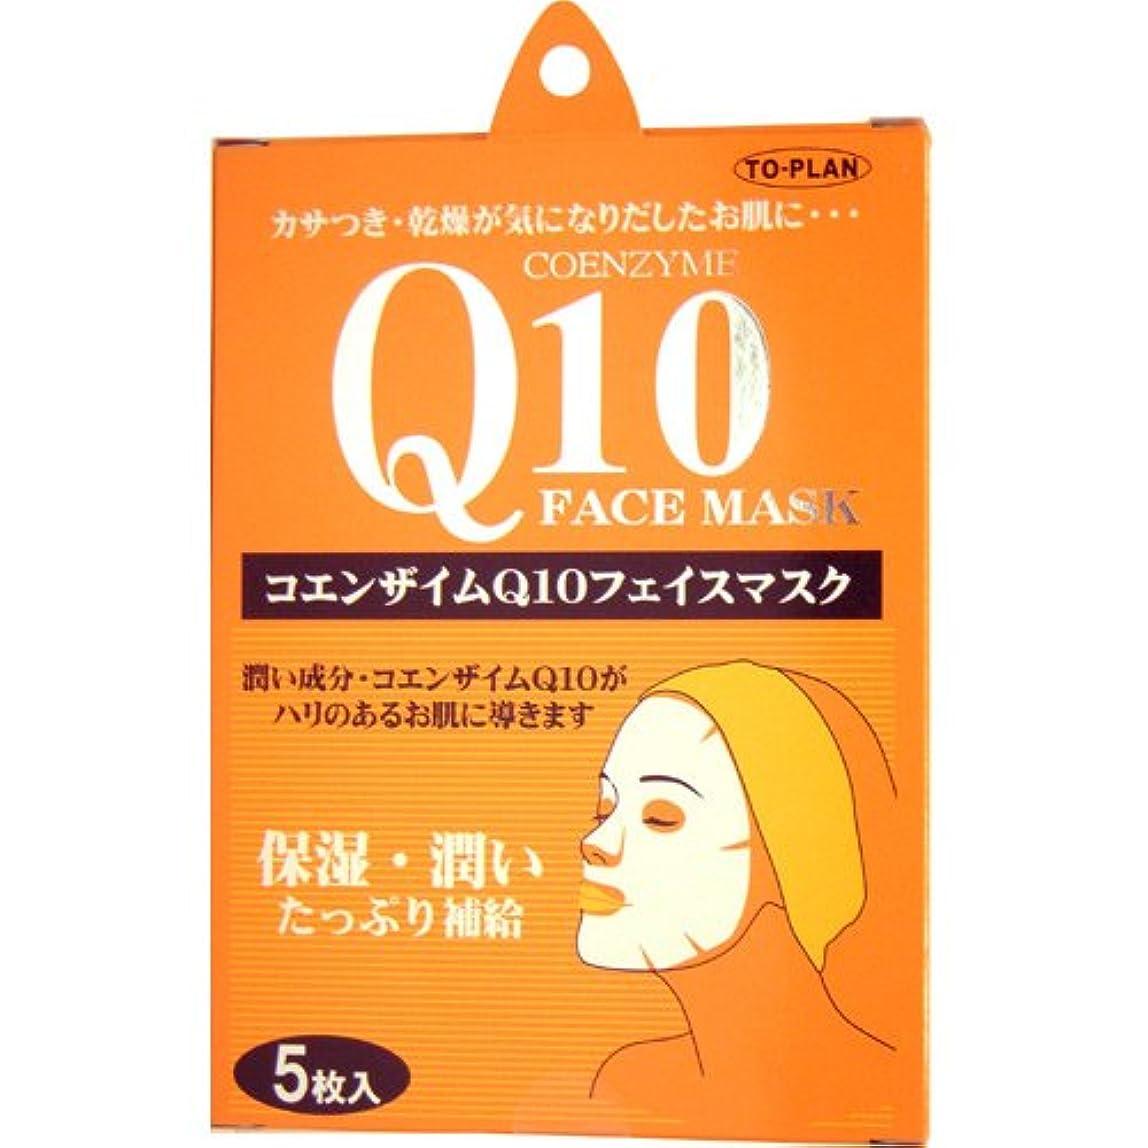 放牧する金曜日ルームTO-PLAN(トプラン) コエンザイムQ10フェイスマスク10枚入